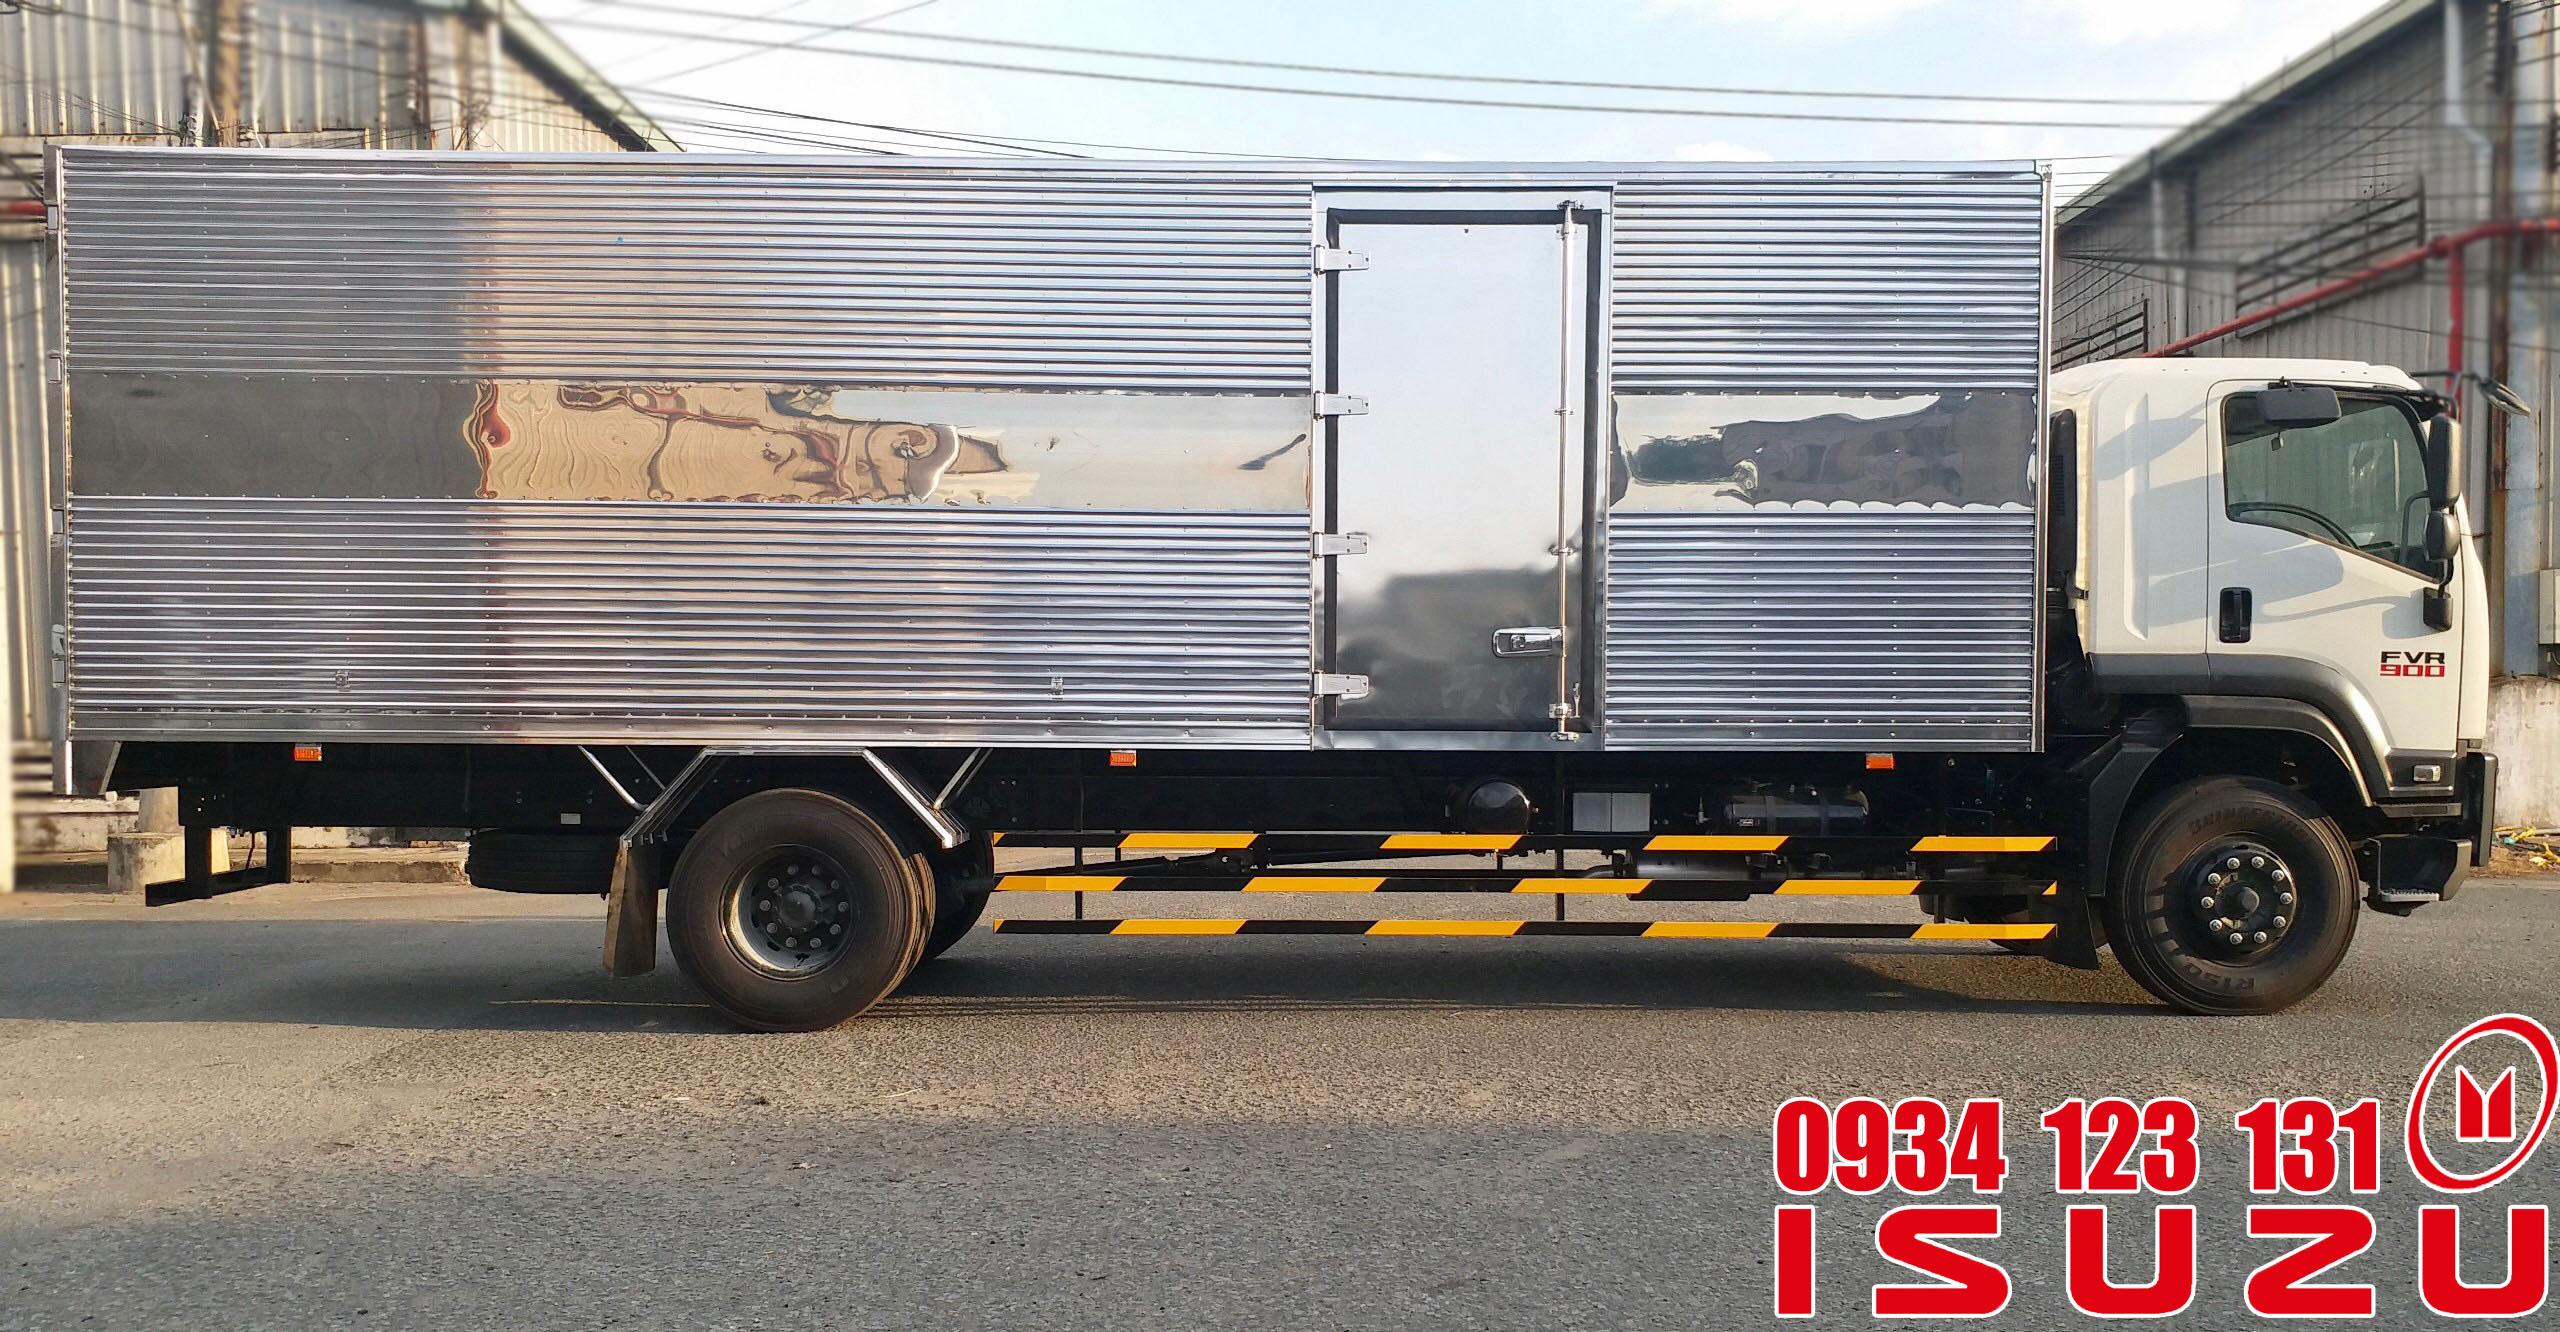 xe tải isuzu 7.5t thùng dài 9.6m